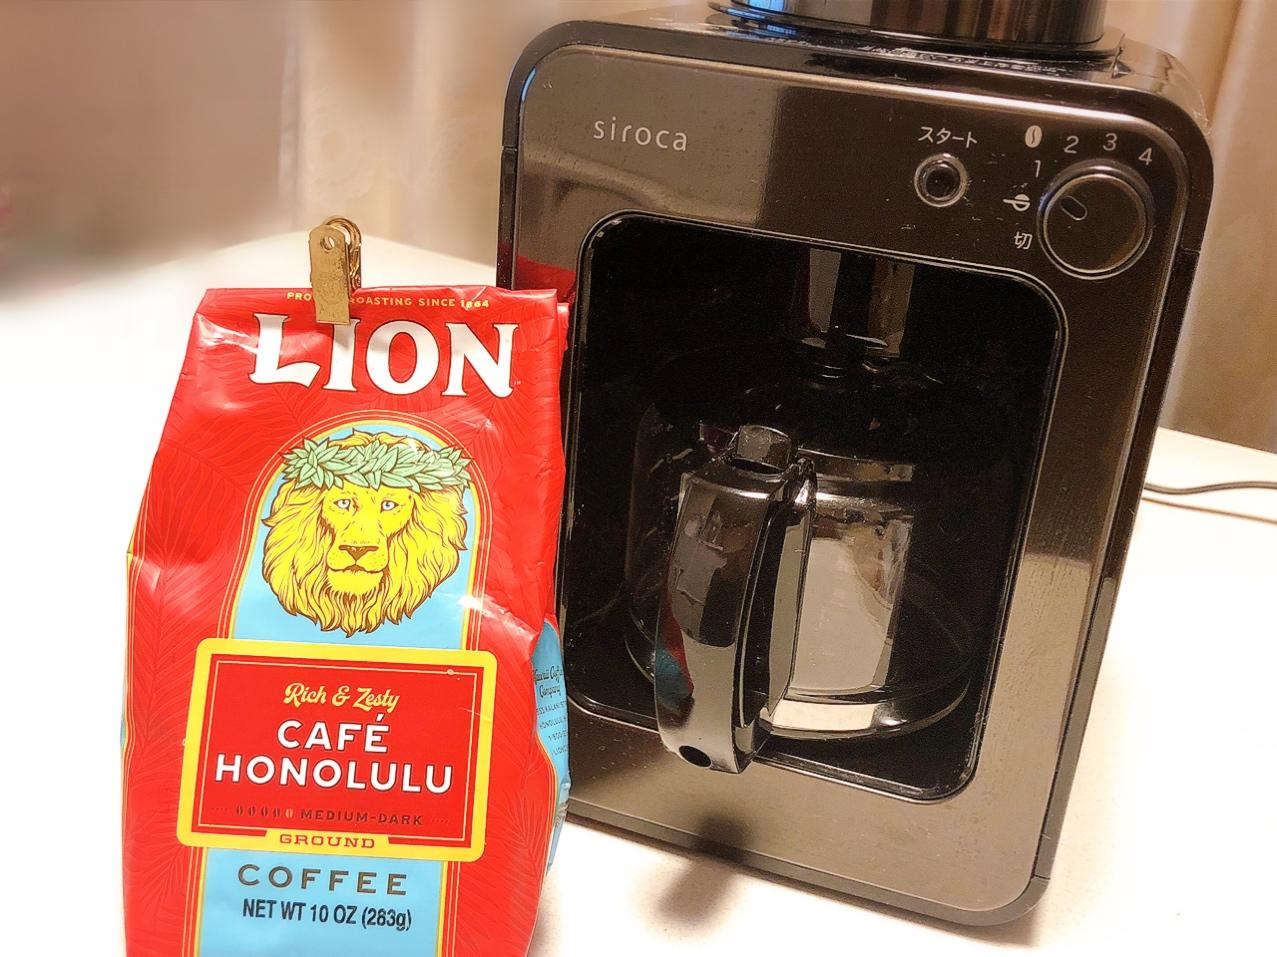 【#キッチン家電】おうちカフェ コンパクトで可愛いのに超優秀☕︎豆から挽ける簡単3ステップコーヒーメーカー♩_1